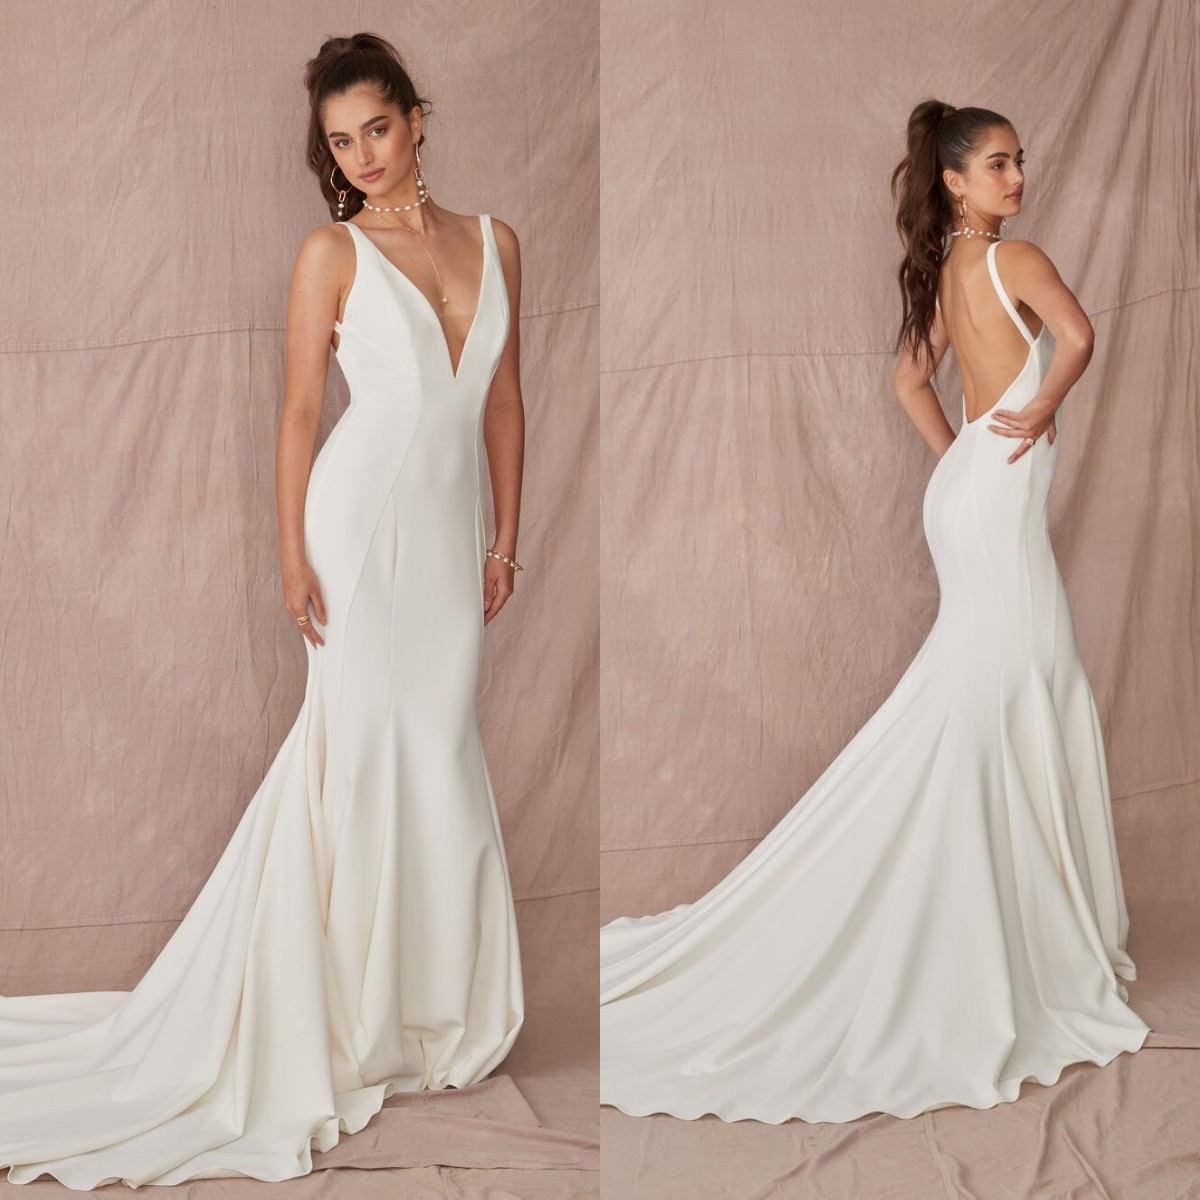 Осень V шеи Свадебные платья Backless Поезд стреловидности Русалка свадебное платье сшитое Простой Пляж Свадебные платья